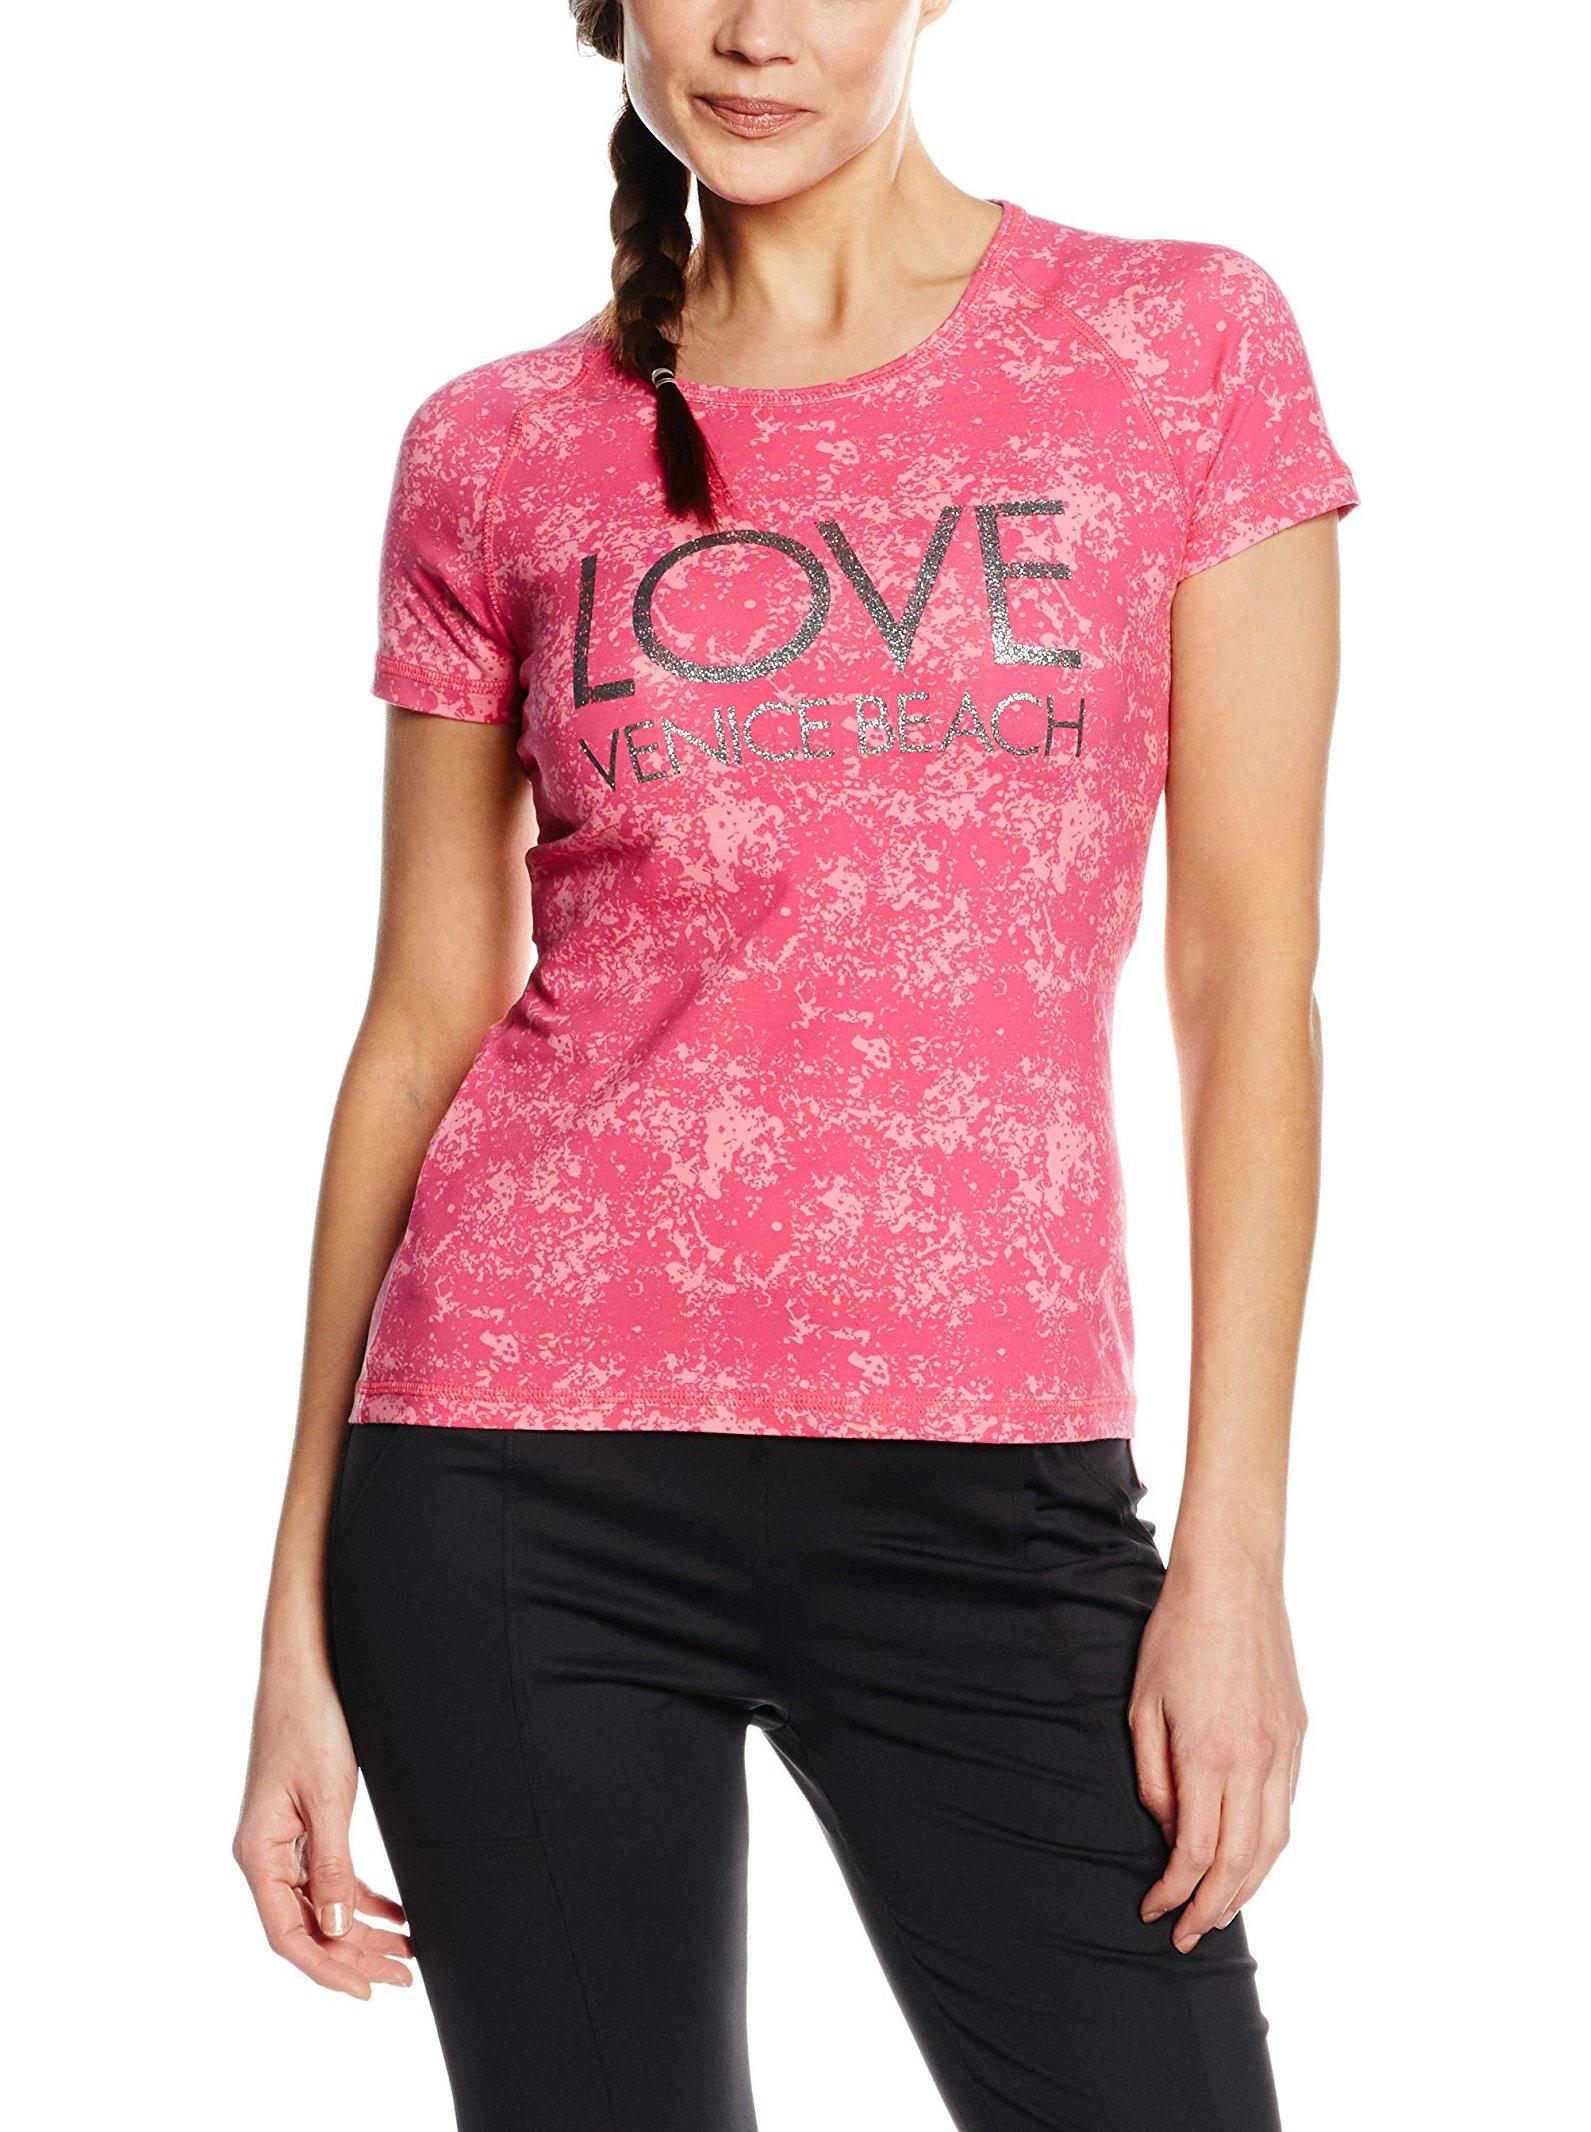 Venice Beach Donna T Shirt Alexa, Donna, T Shirt Alexa, Cherries Jubilee Allover, S